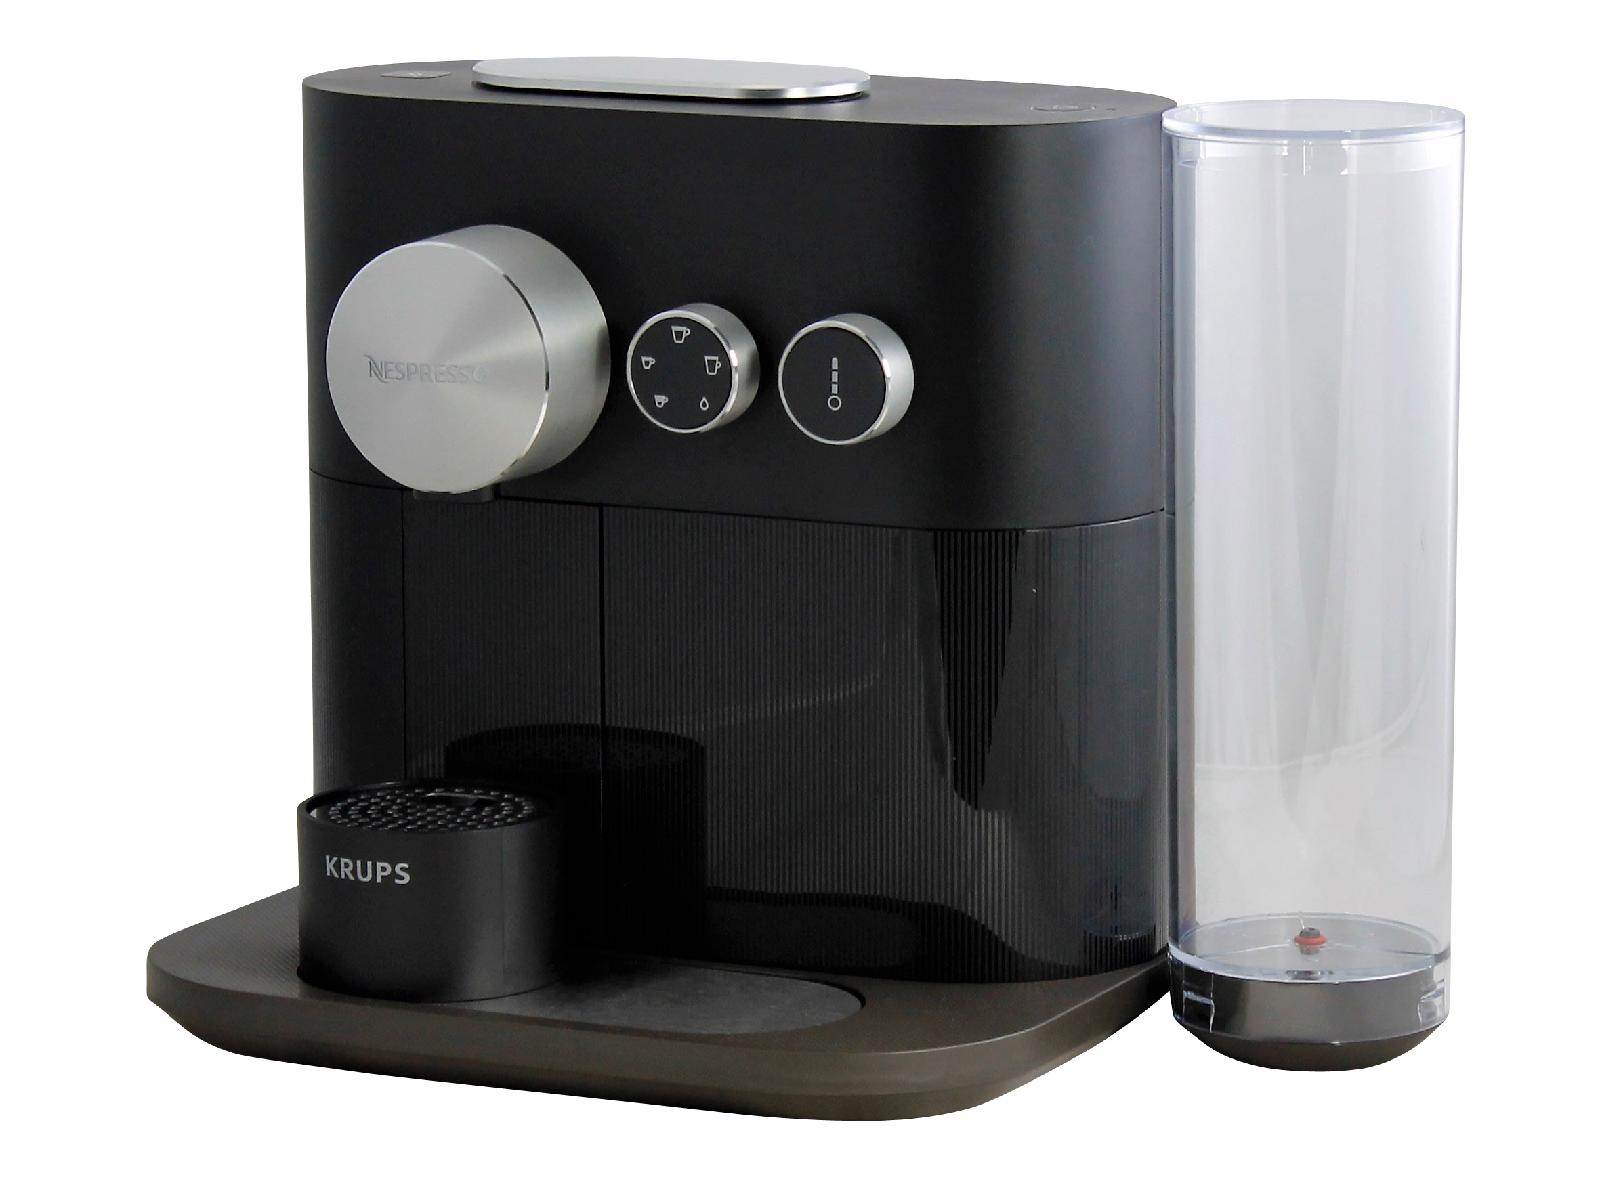 Nespresso expert caffè personalizzato a caro prezzo